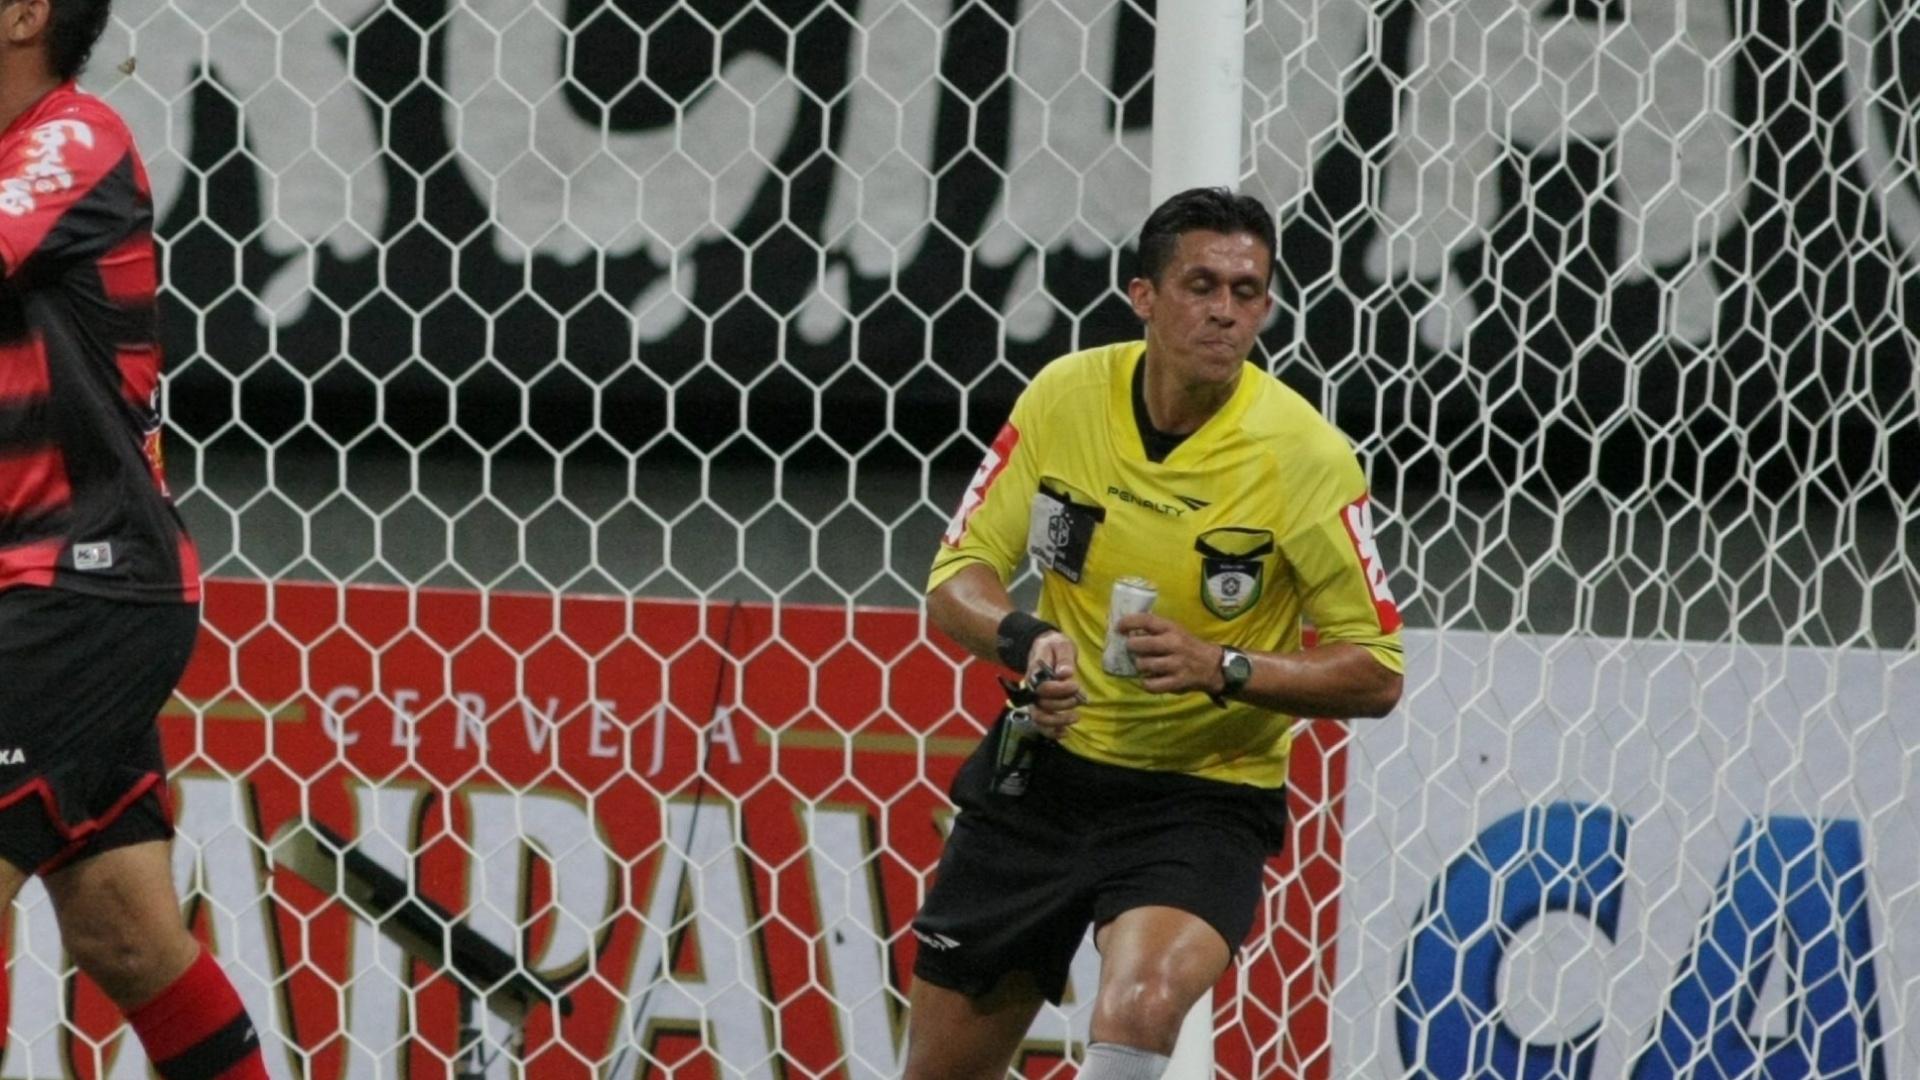 Árbitro Paulo H Schleich Vollkopf carrega latinha arremessada no jogador do Oeste